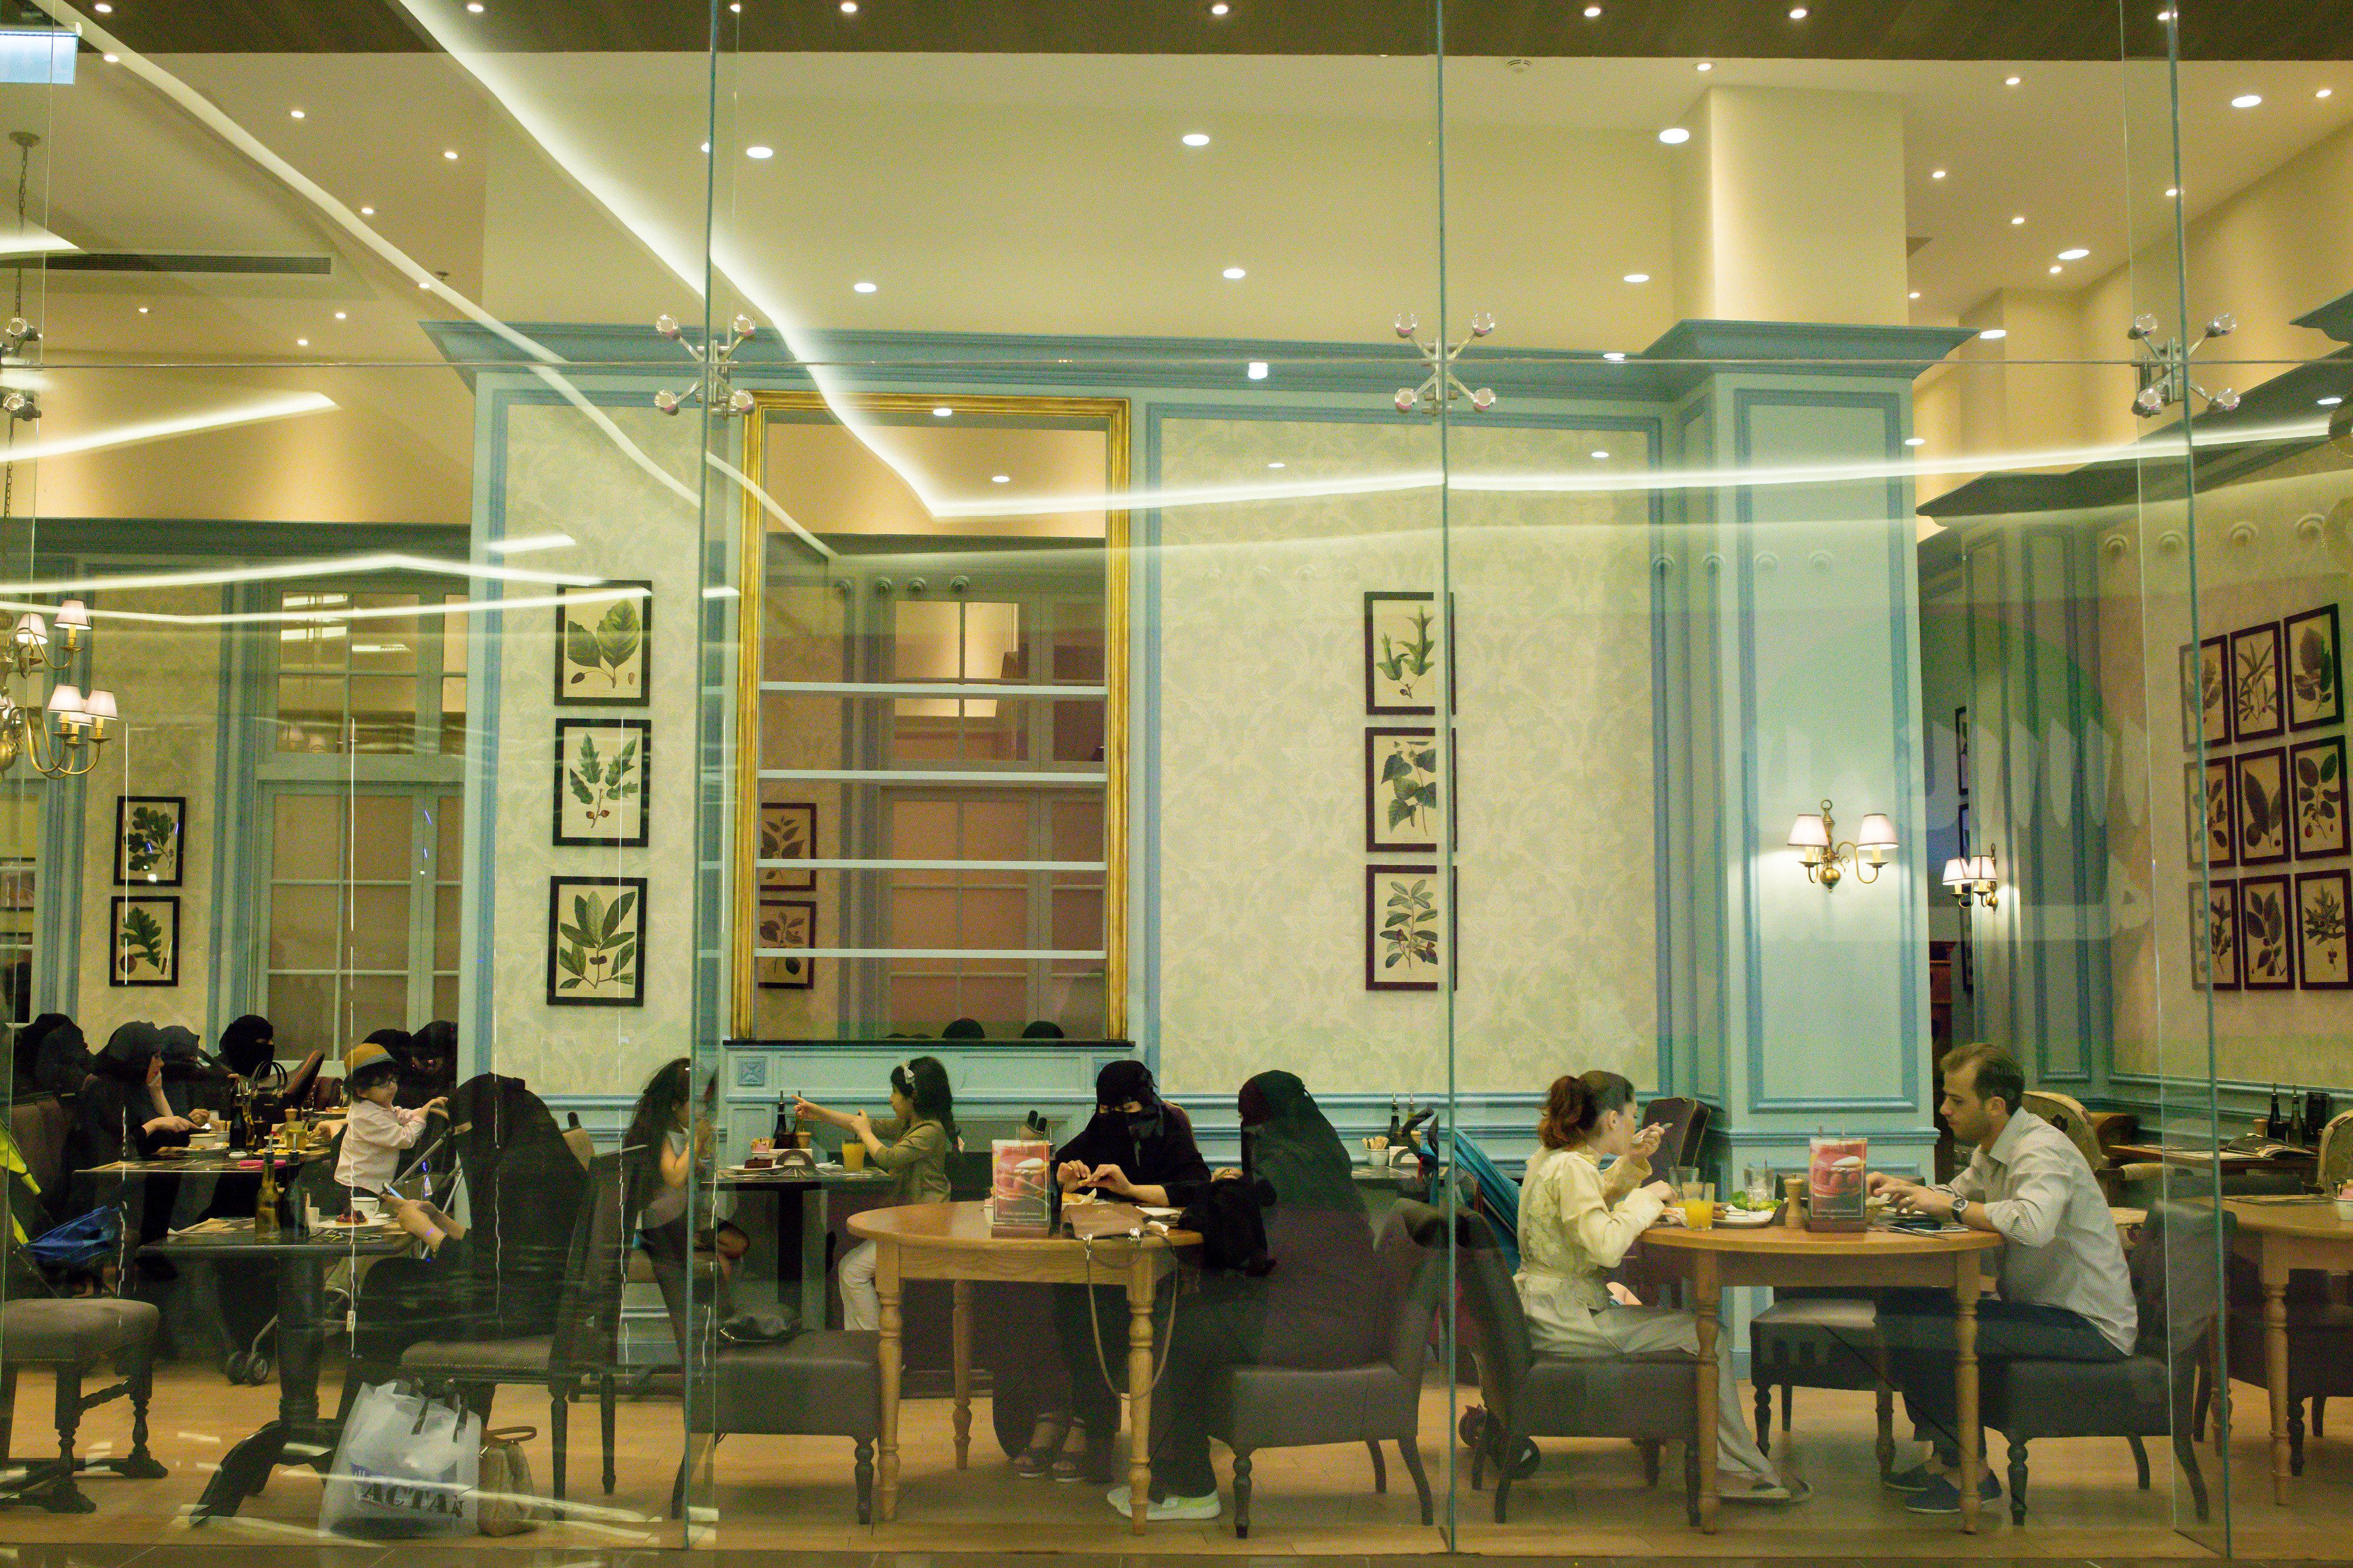 L'Arabie Saoudite autorise la musique dans les restaurants et cafés du